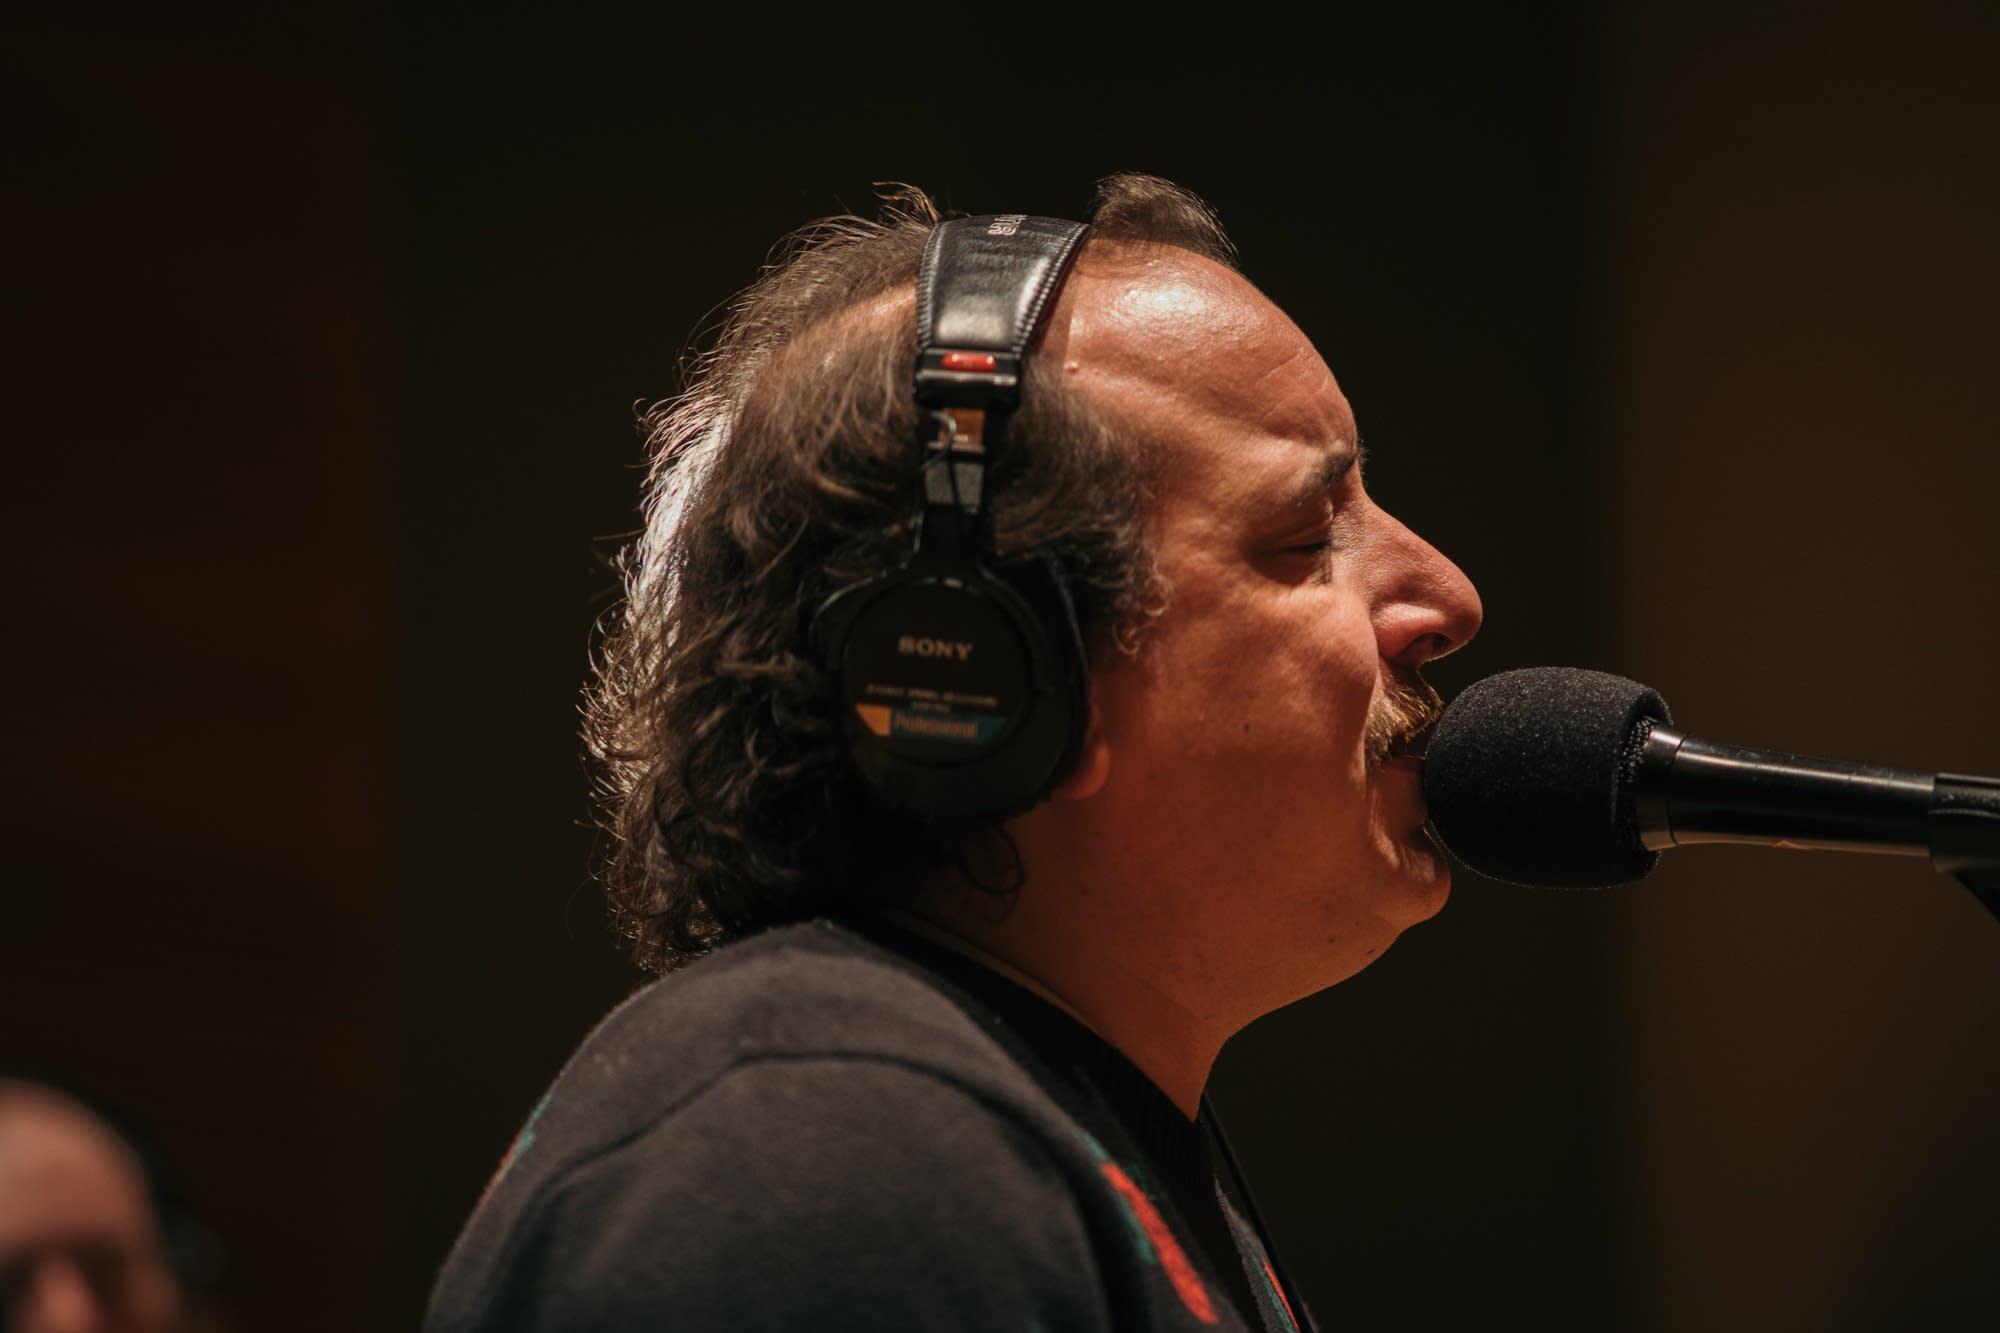 Heart Bones perform in The Current studio